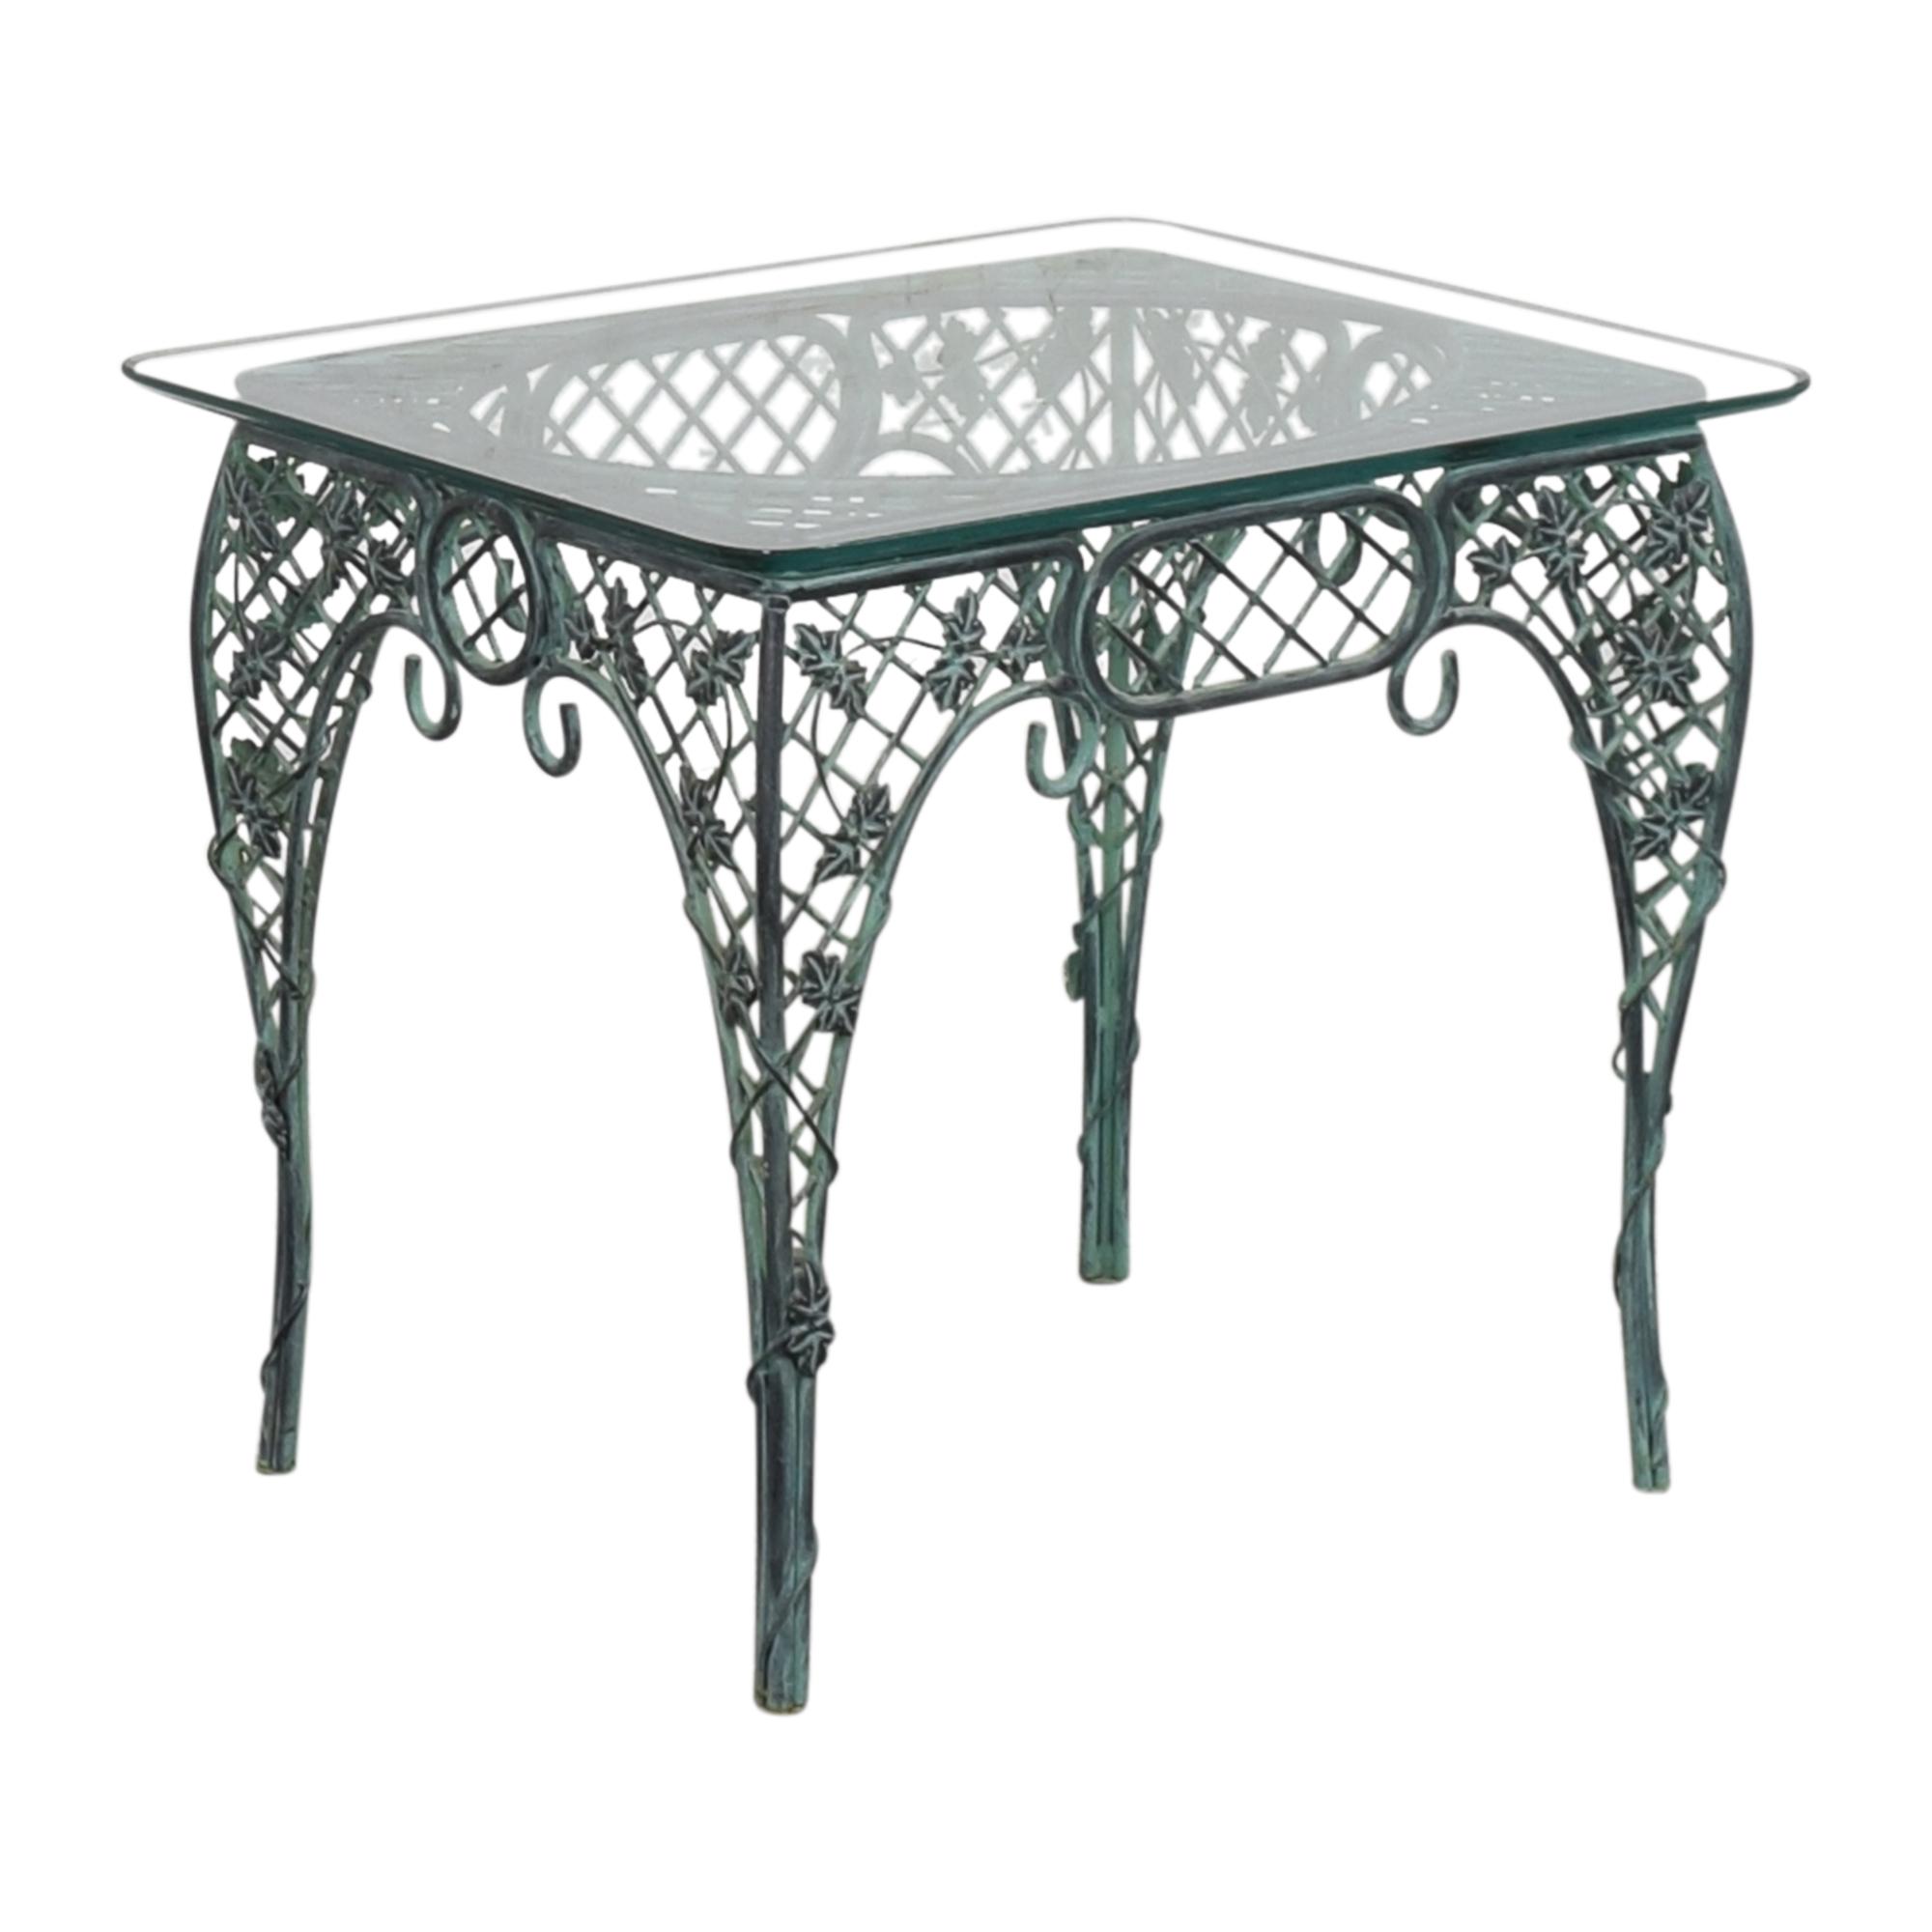 Huffman Koos Decorative Accent Table Huffman Koos